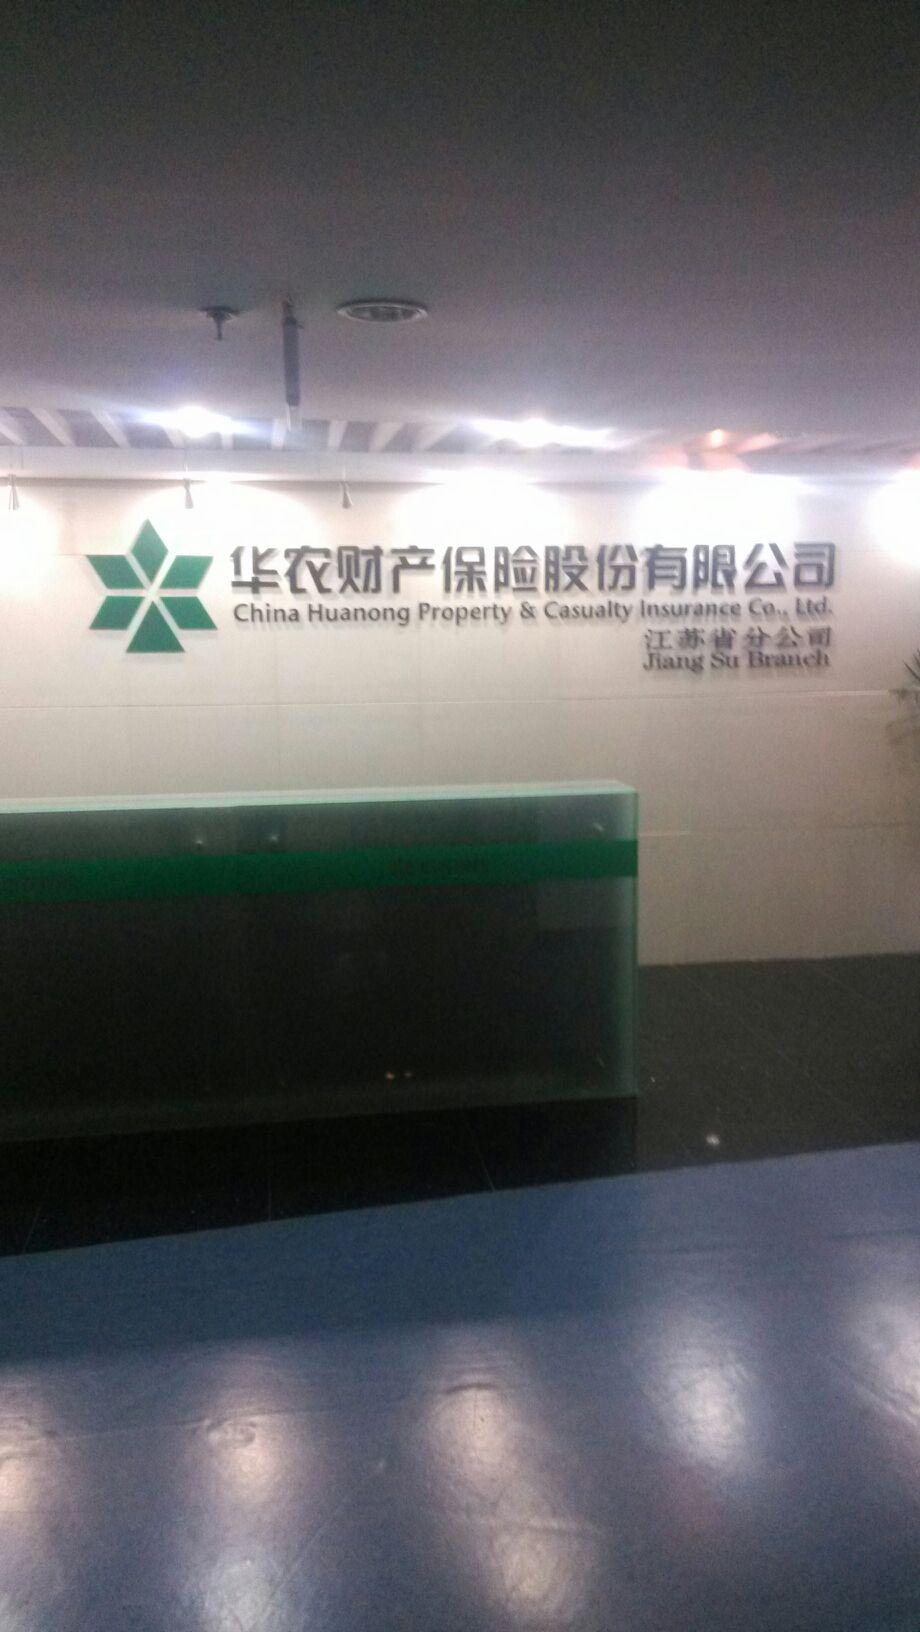 华农财产保险(江苏省分公司)